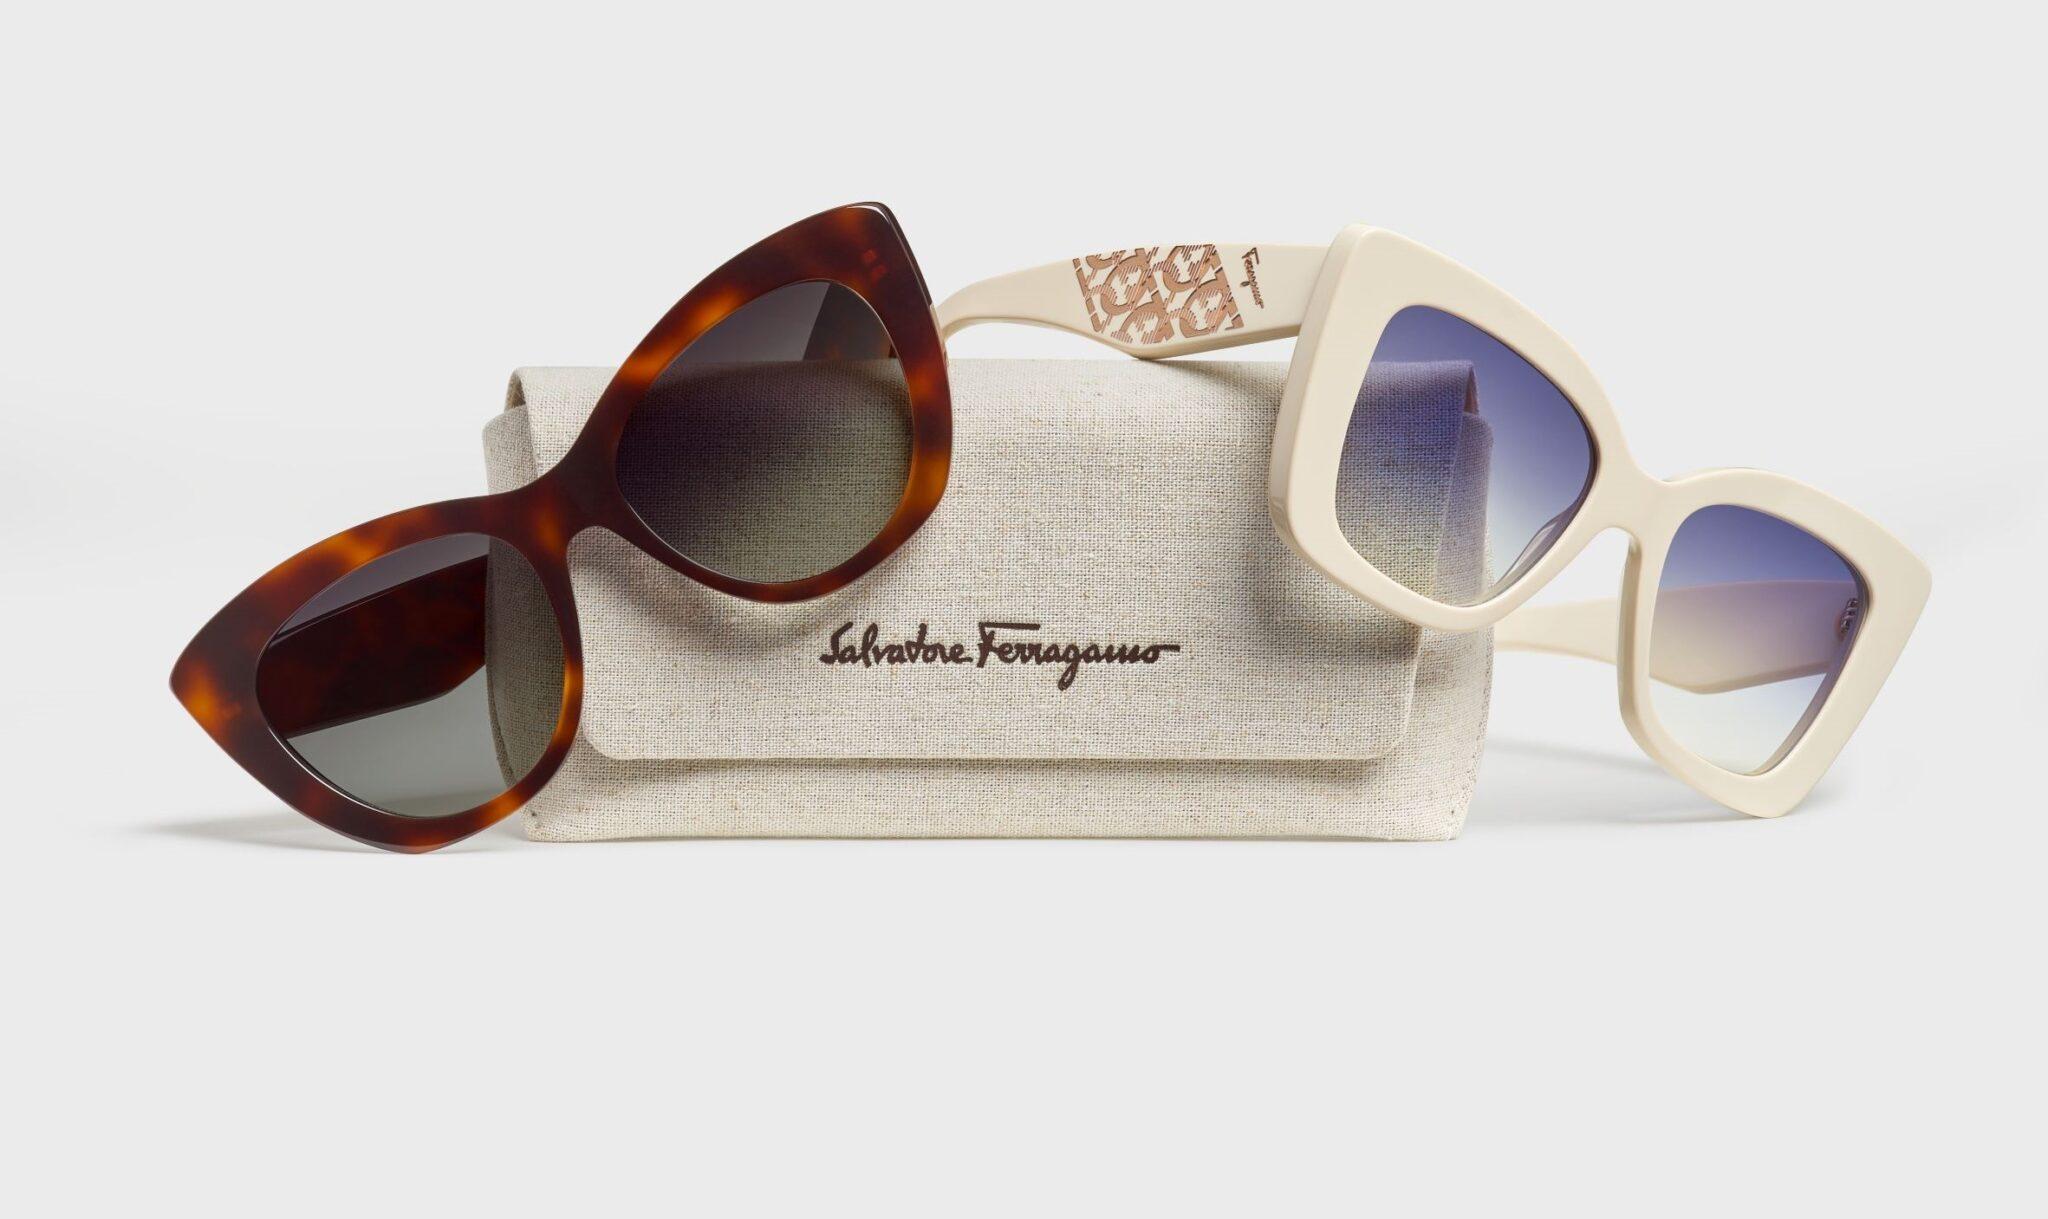 Salvatore Ferragamo, il debutto degli occhiali da sole etici